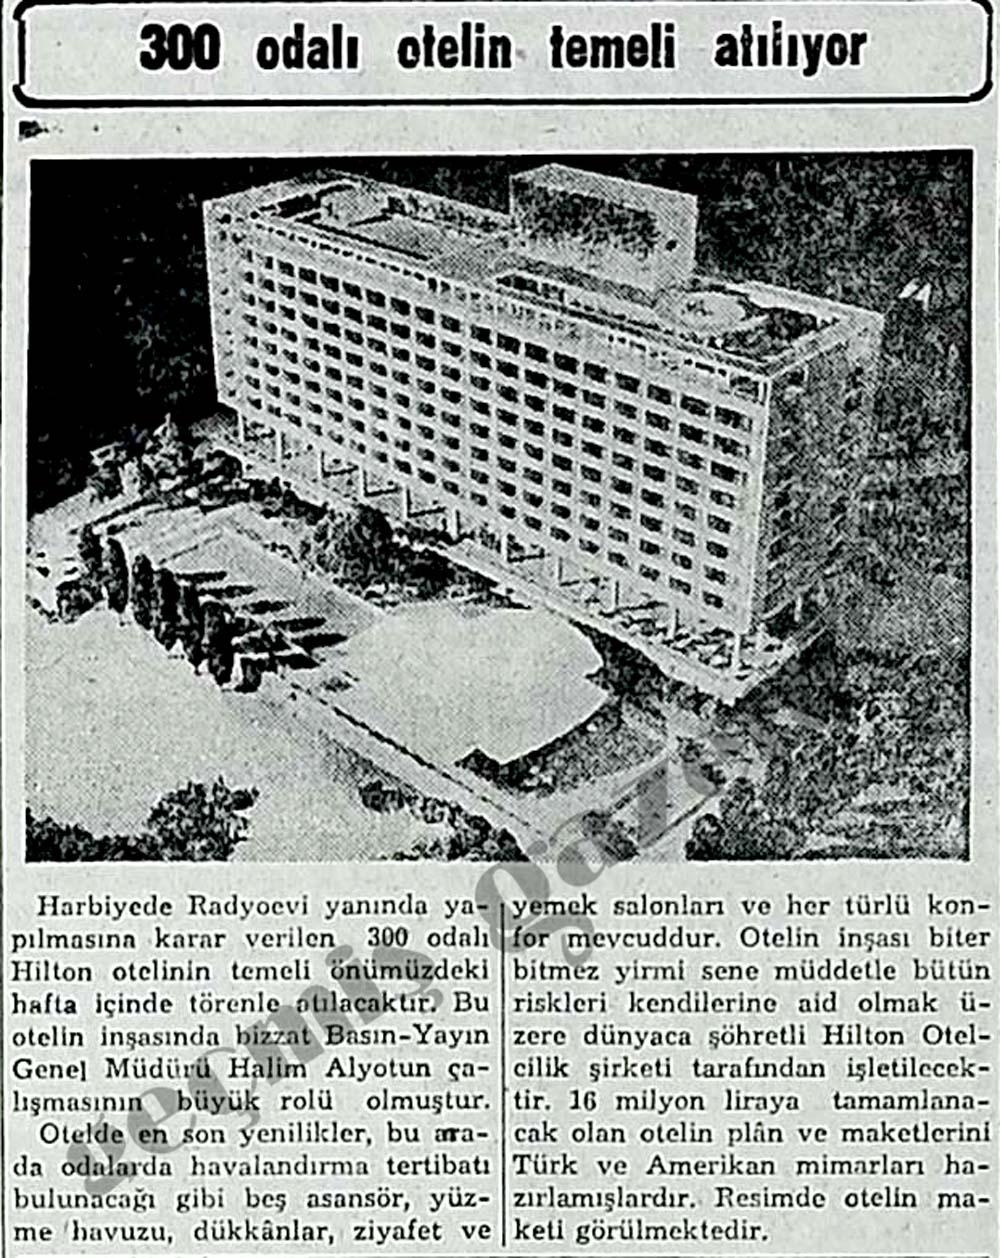 300 odalı Hilton otelinin temeli atılıyor